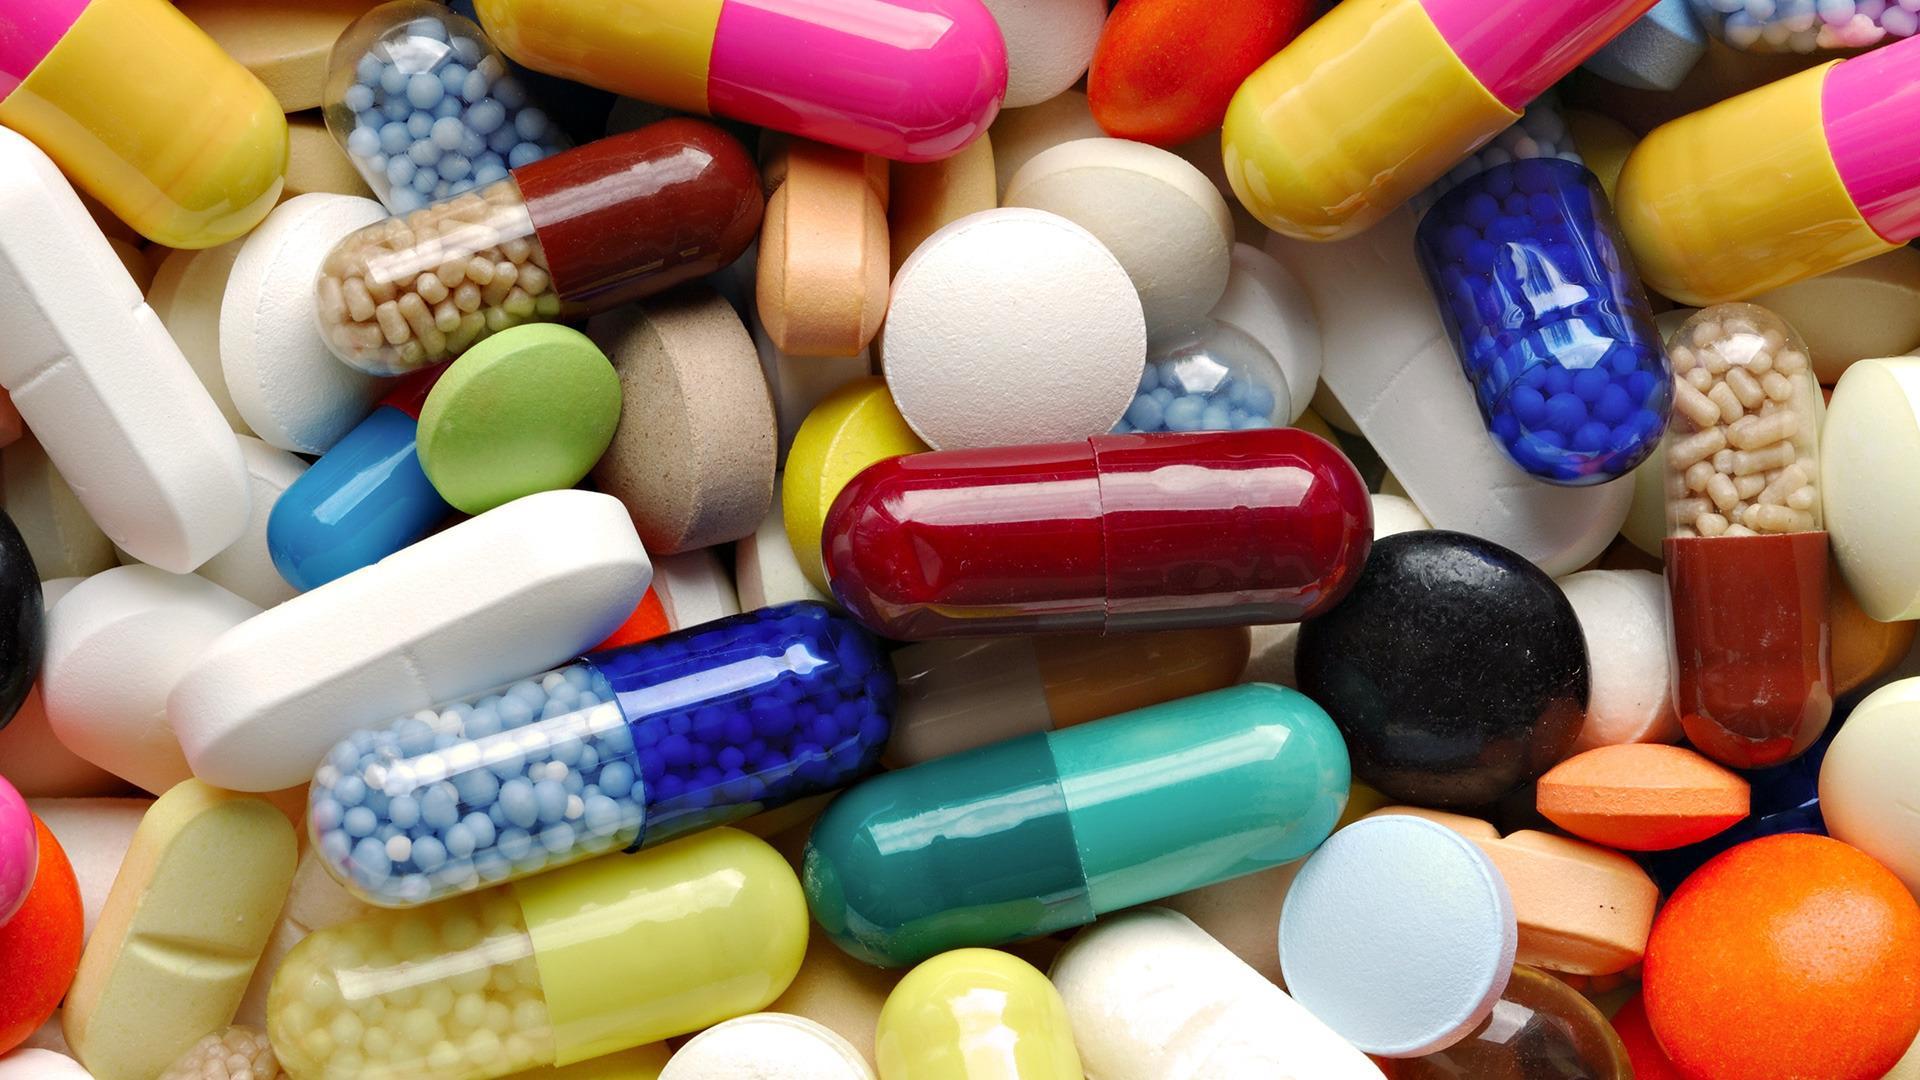 лекарства картинки для детей